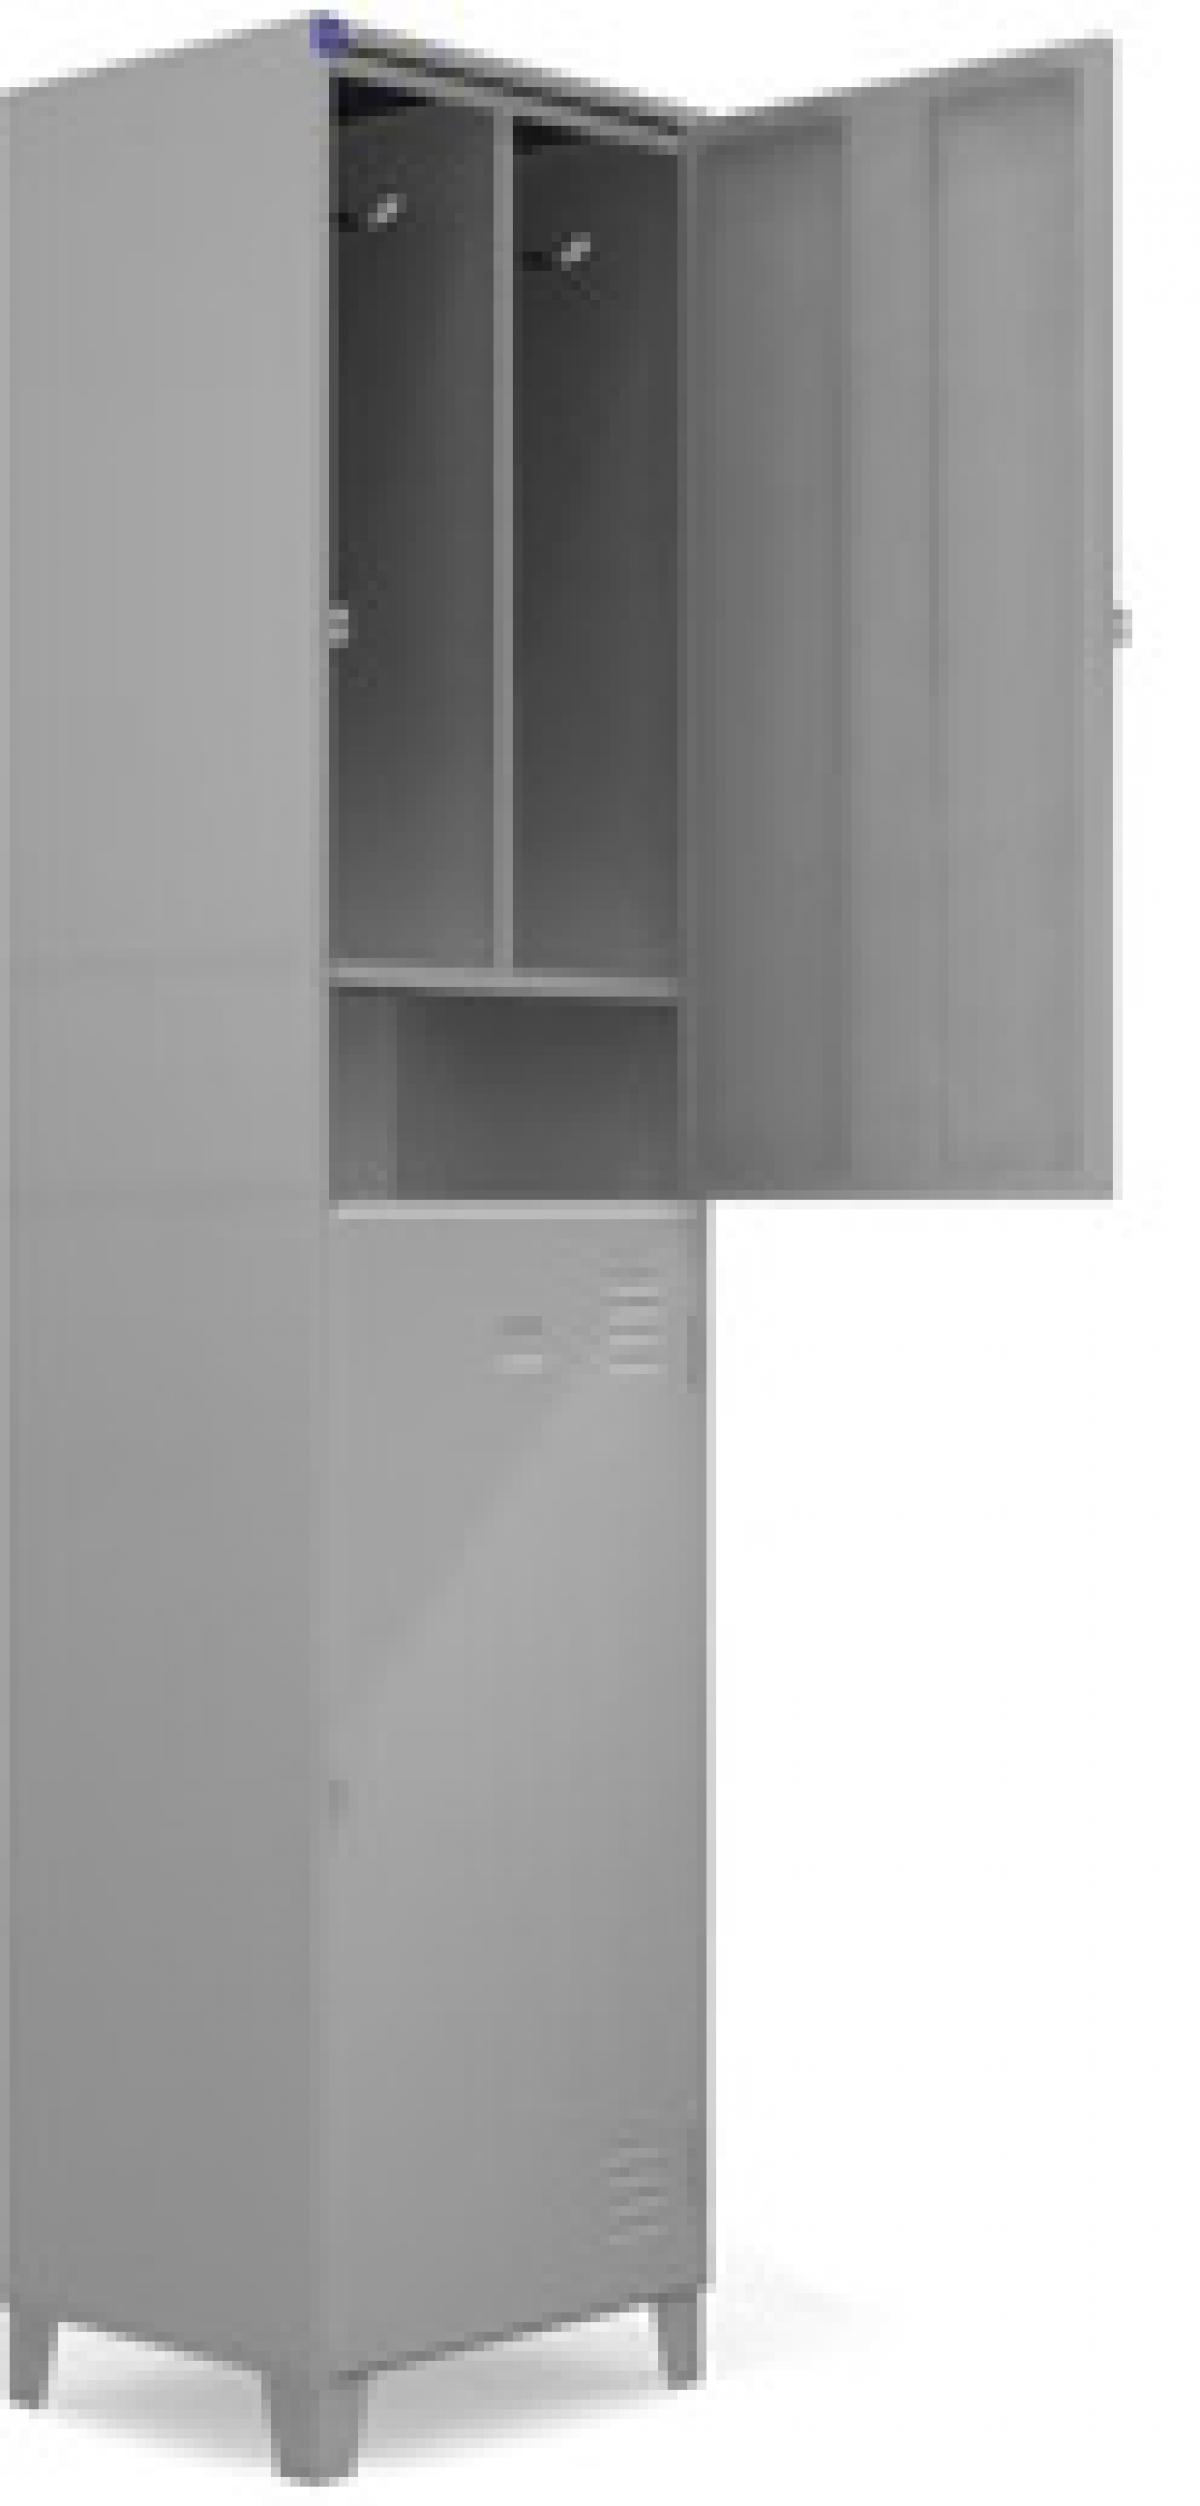 AÇO-12 -197x050x040 Roupeiro Para Vestiario De Aço Com 02 Portas Grandes Com Sapateira Com Pitão Para Cadeado